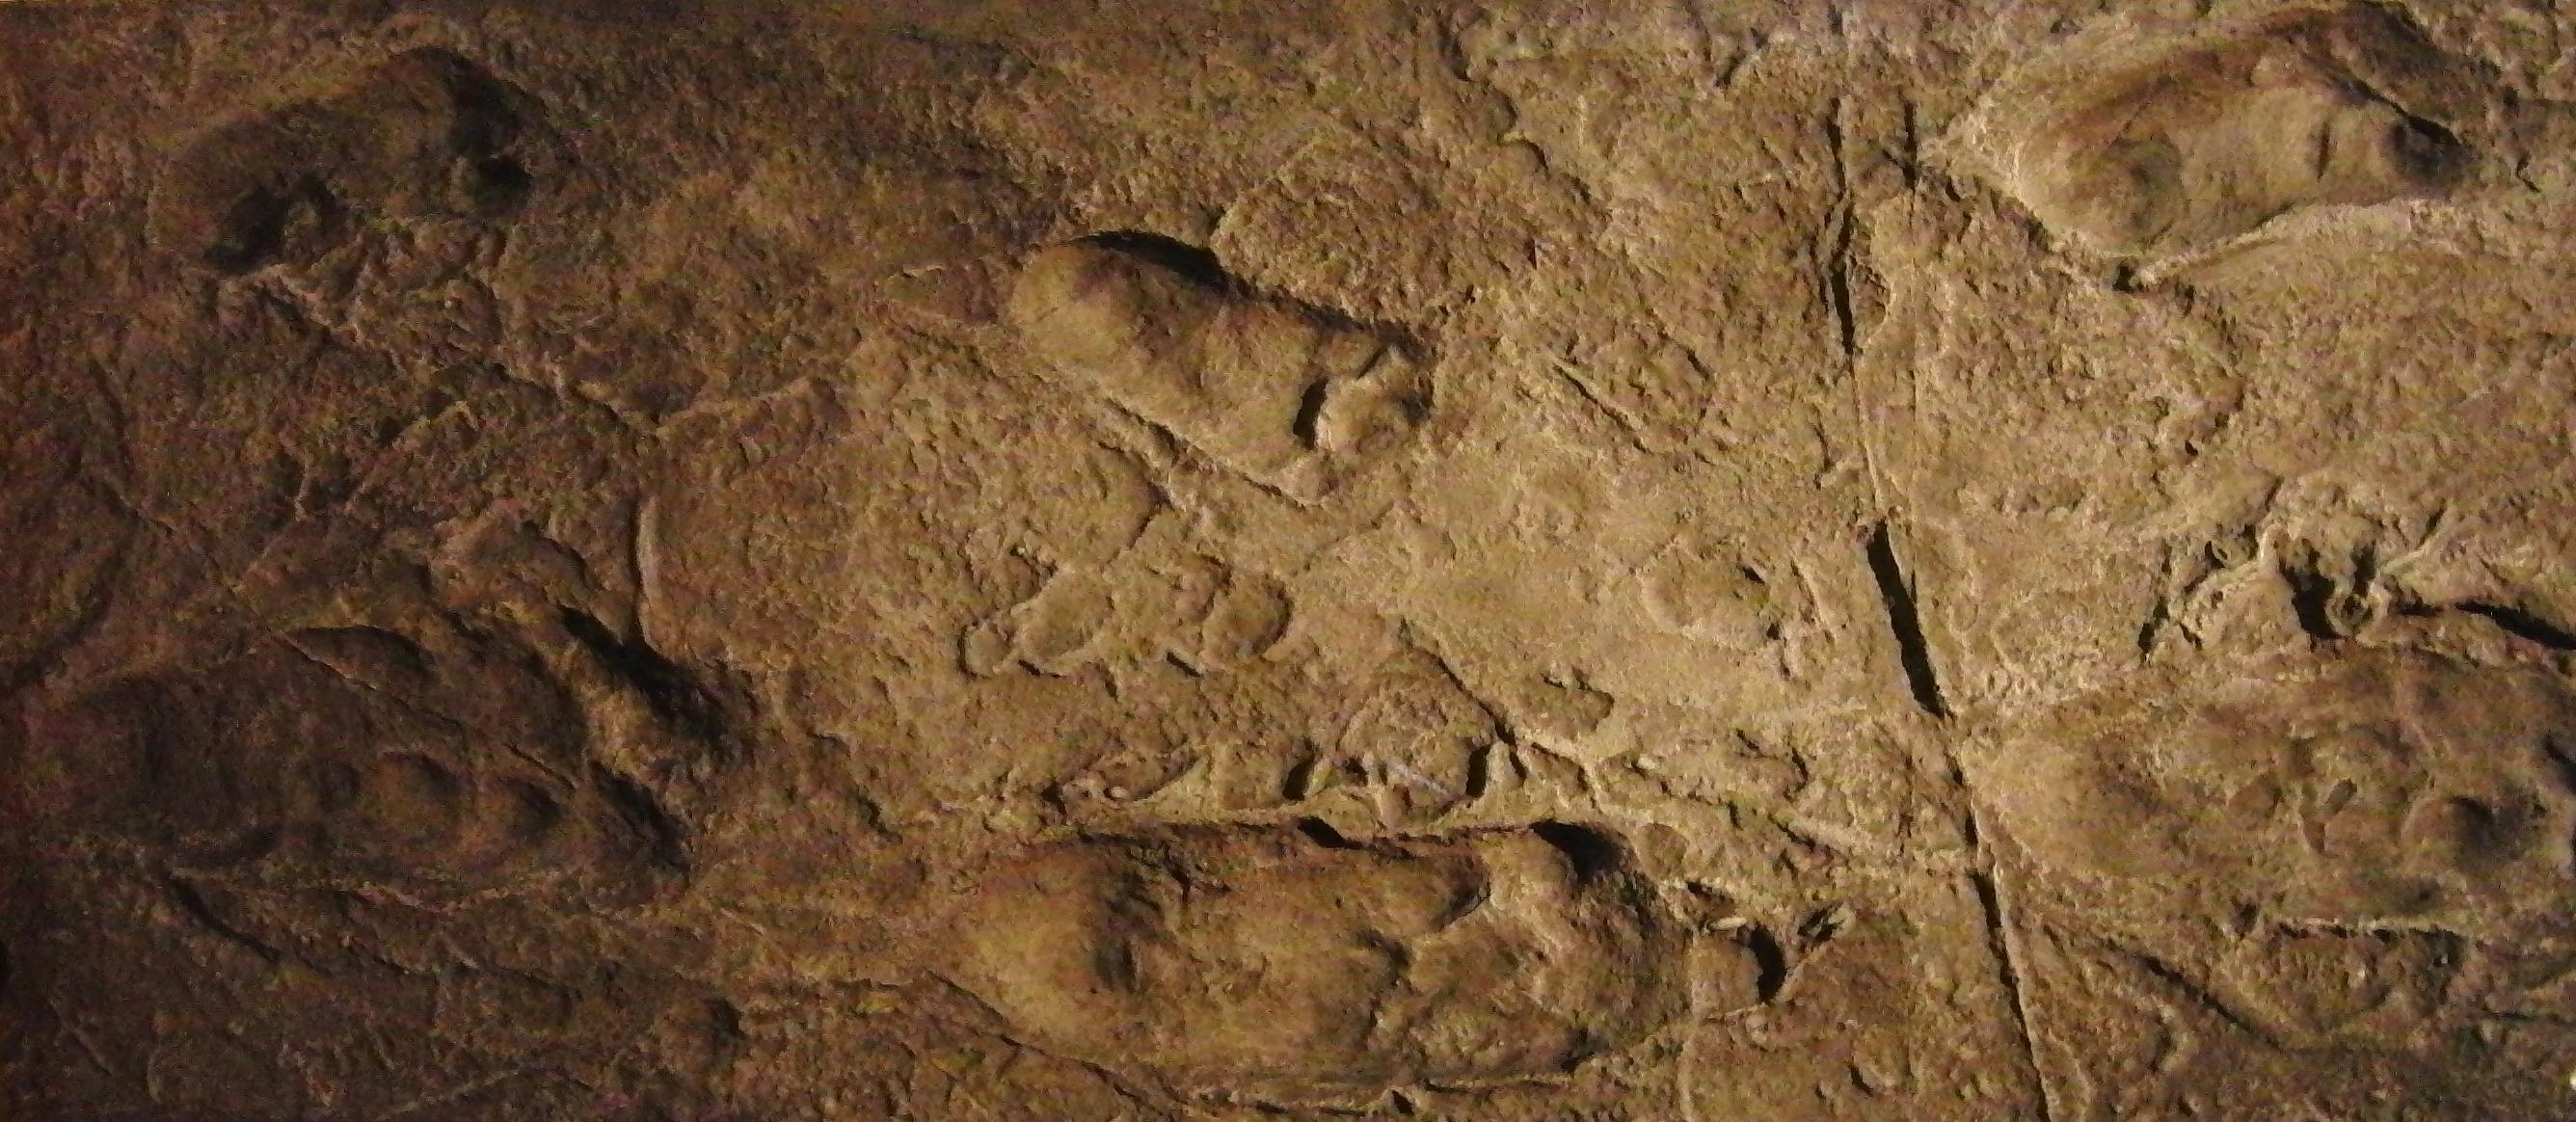 Huellas de Australophitecus en Laetoli